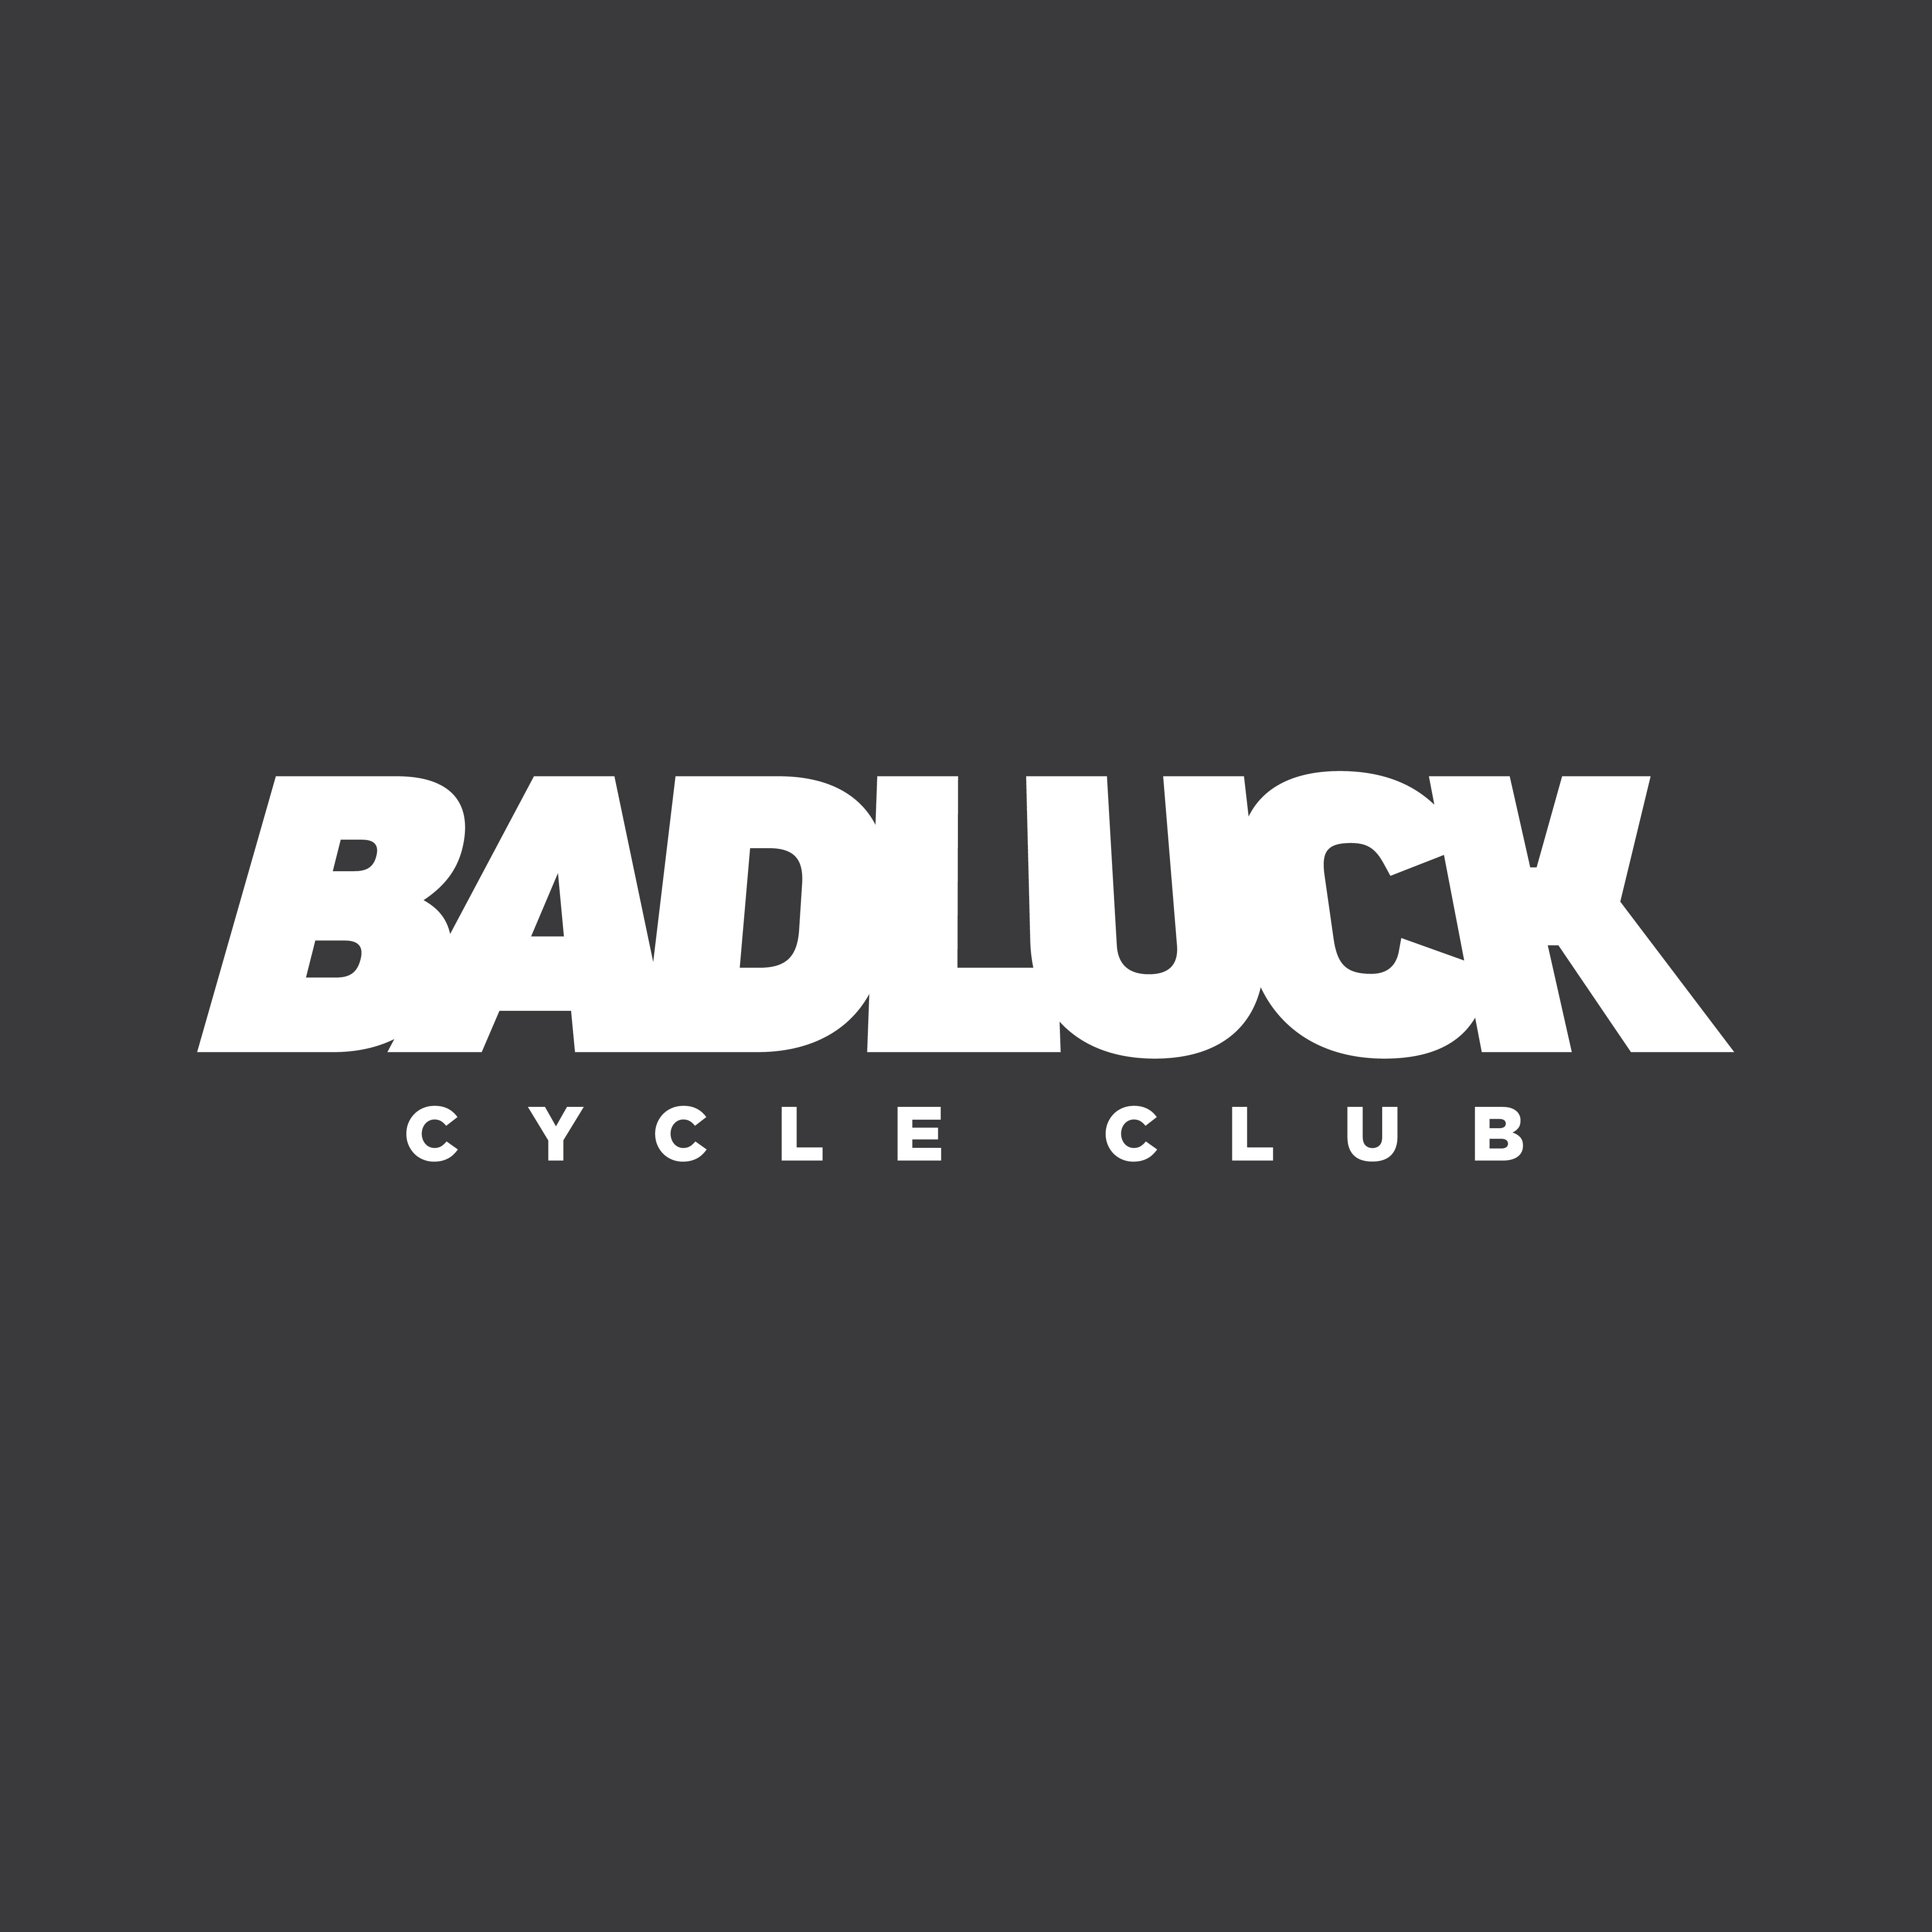 Badluck.cc